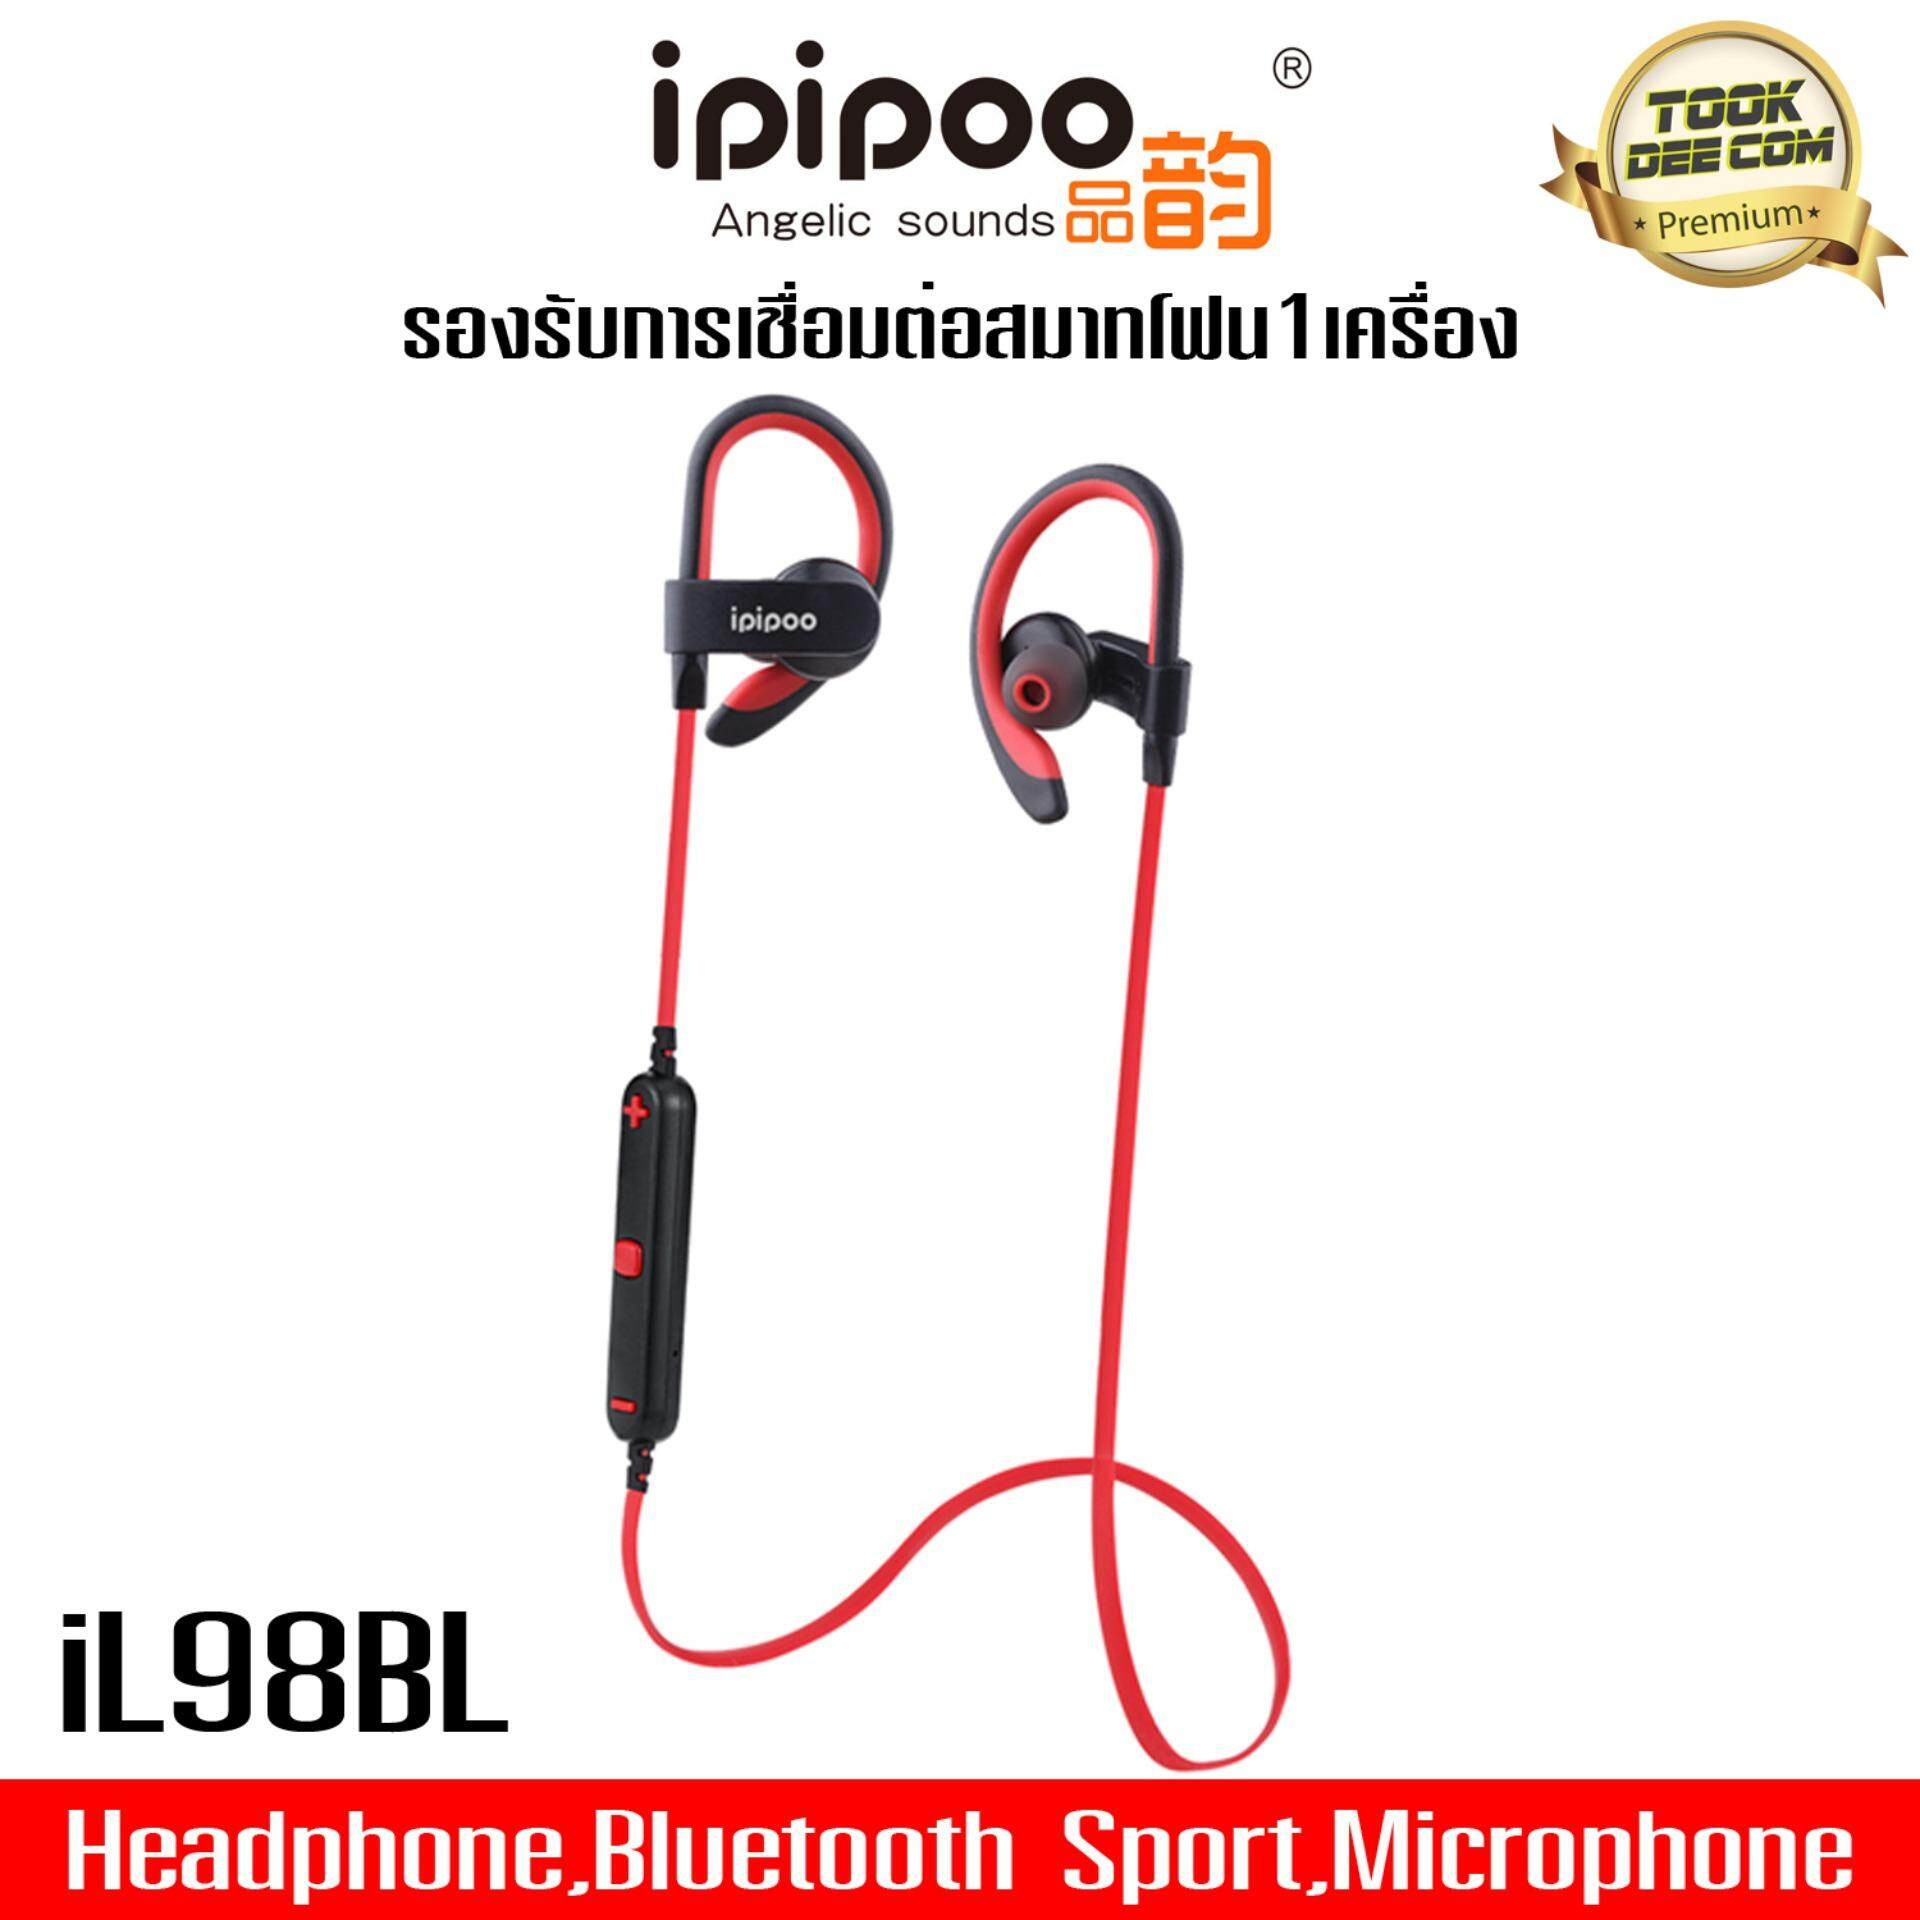 โปรโมชั่น ของแท้ Ipipoo Il98Bl Wireless Bluetooth Sports Stereo Earphone กรุงเทพมหานคร